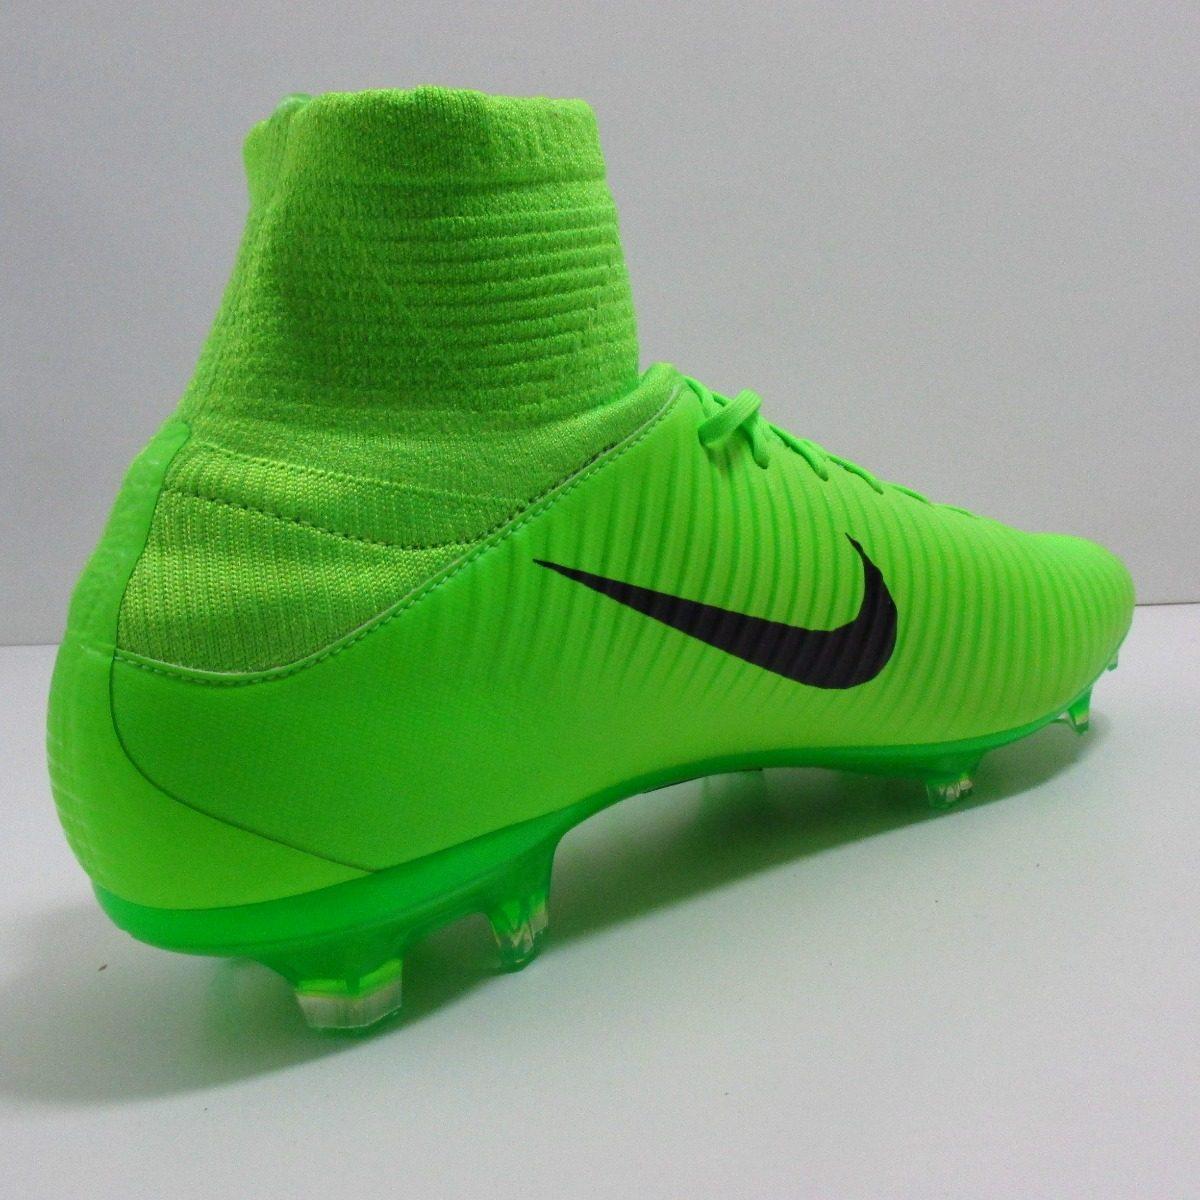 384f7f4cb709d Chuteira Campo Nike Mercurial Veloce Fg Original - R$ 599,00 em ...